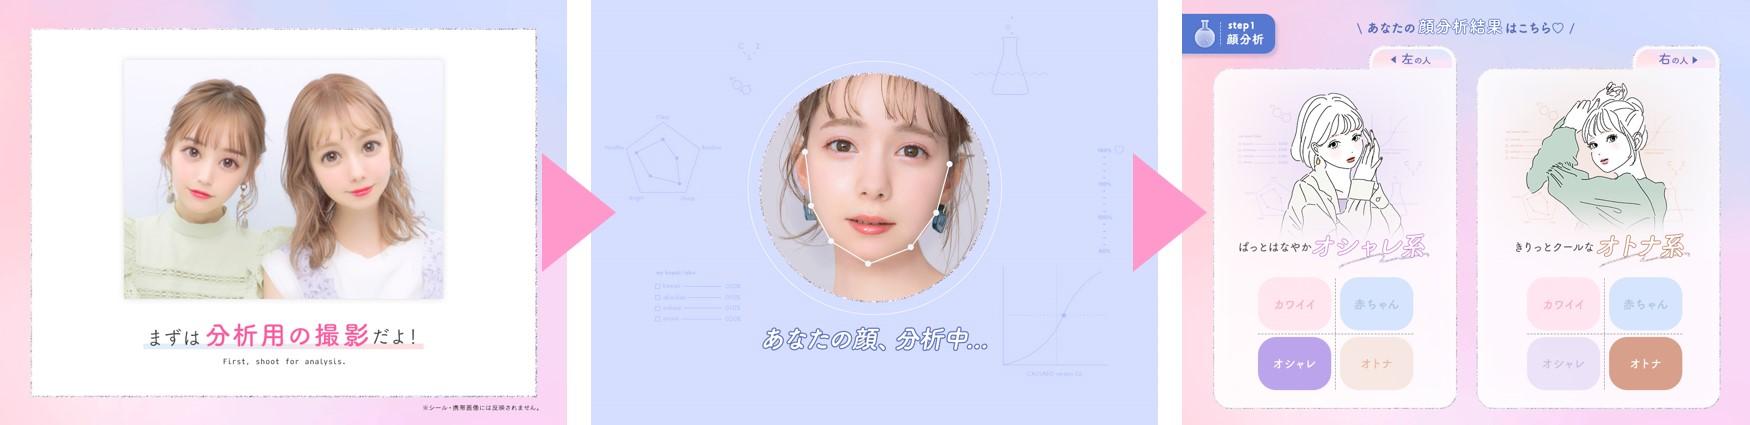 パーツバランスを整える「顔分析」の進行ステップ